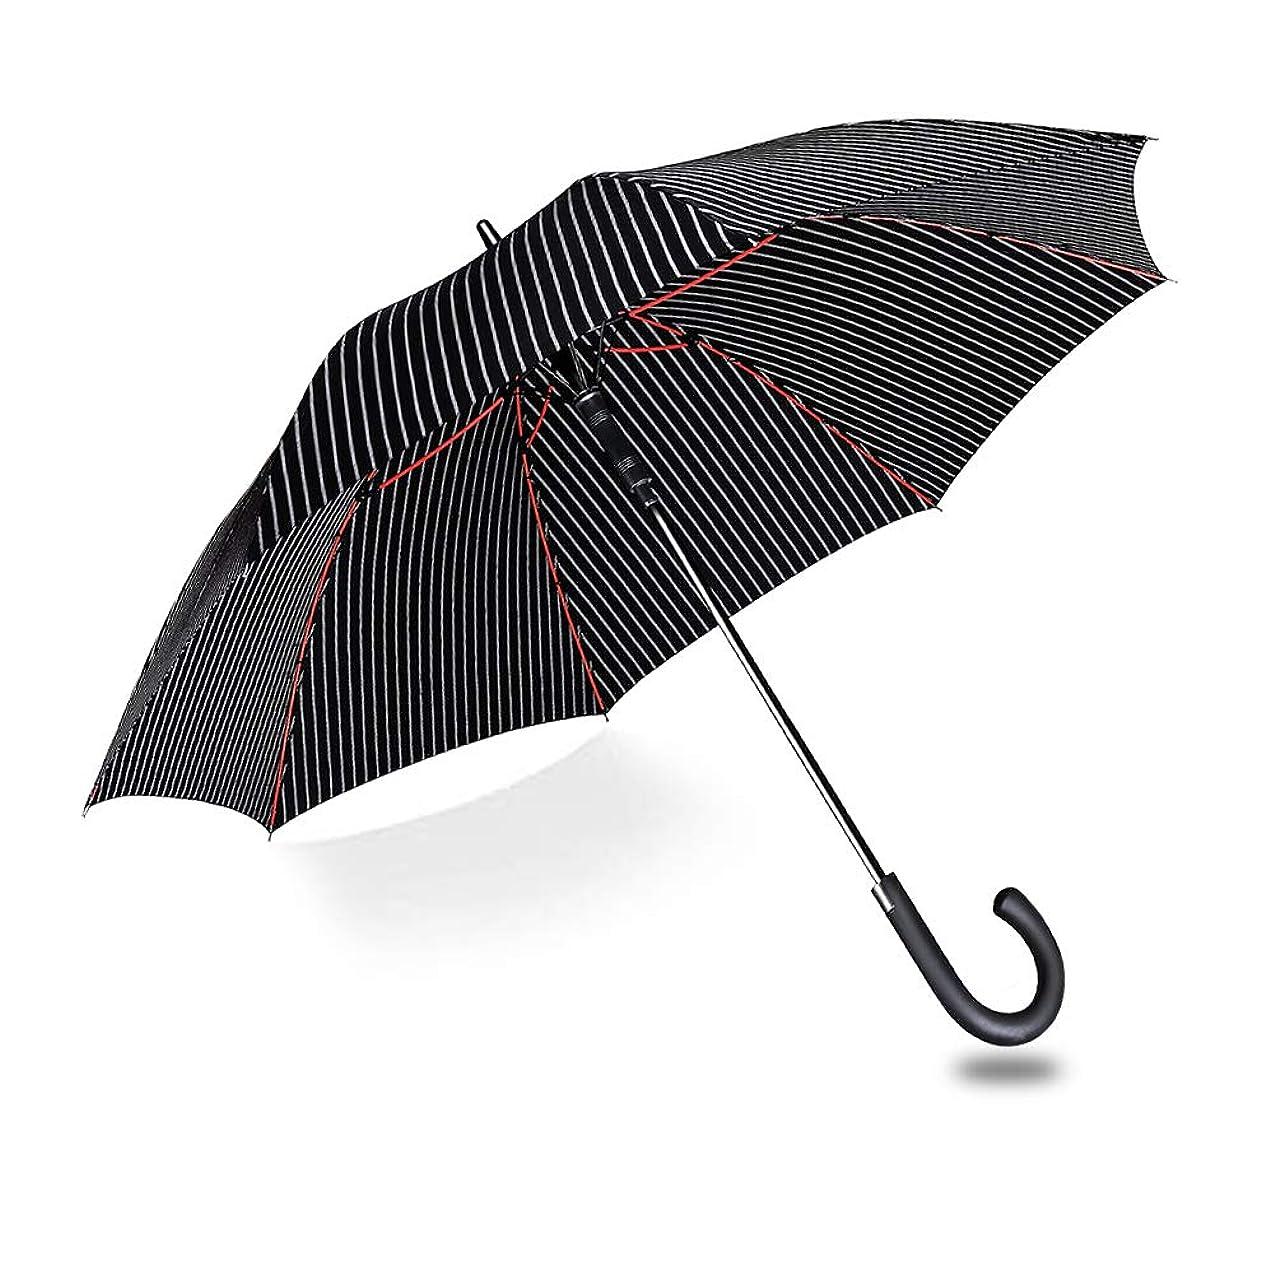 タイプファイバ連隊長傘 メンズ 雨傘 ワンタッチ自動開閉式 - ganamoda 耐風撥水加工 ストライプ ブラック 紳士傘 丈夫 大型 晴雨兼用 おしゃれ 高強度で強風に負けない 悪天候に強い